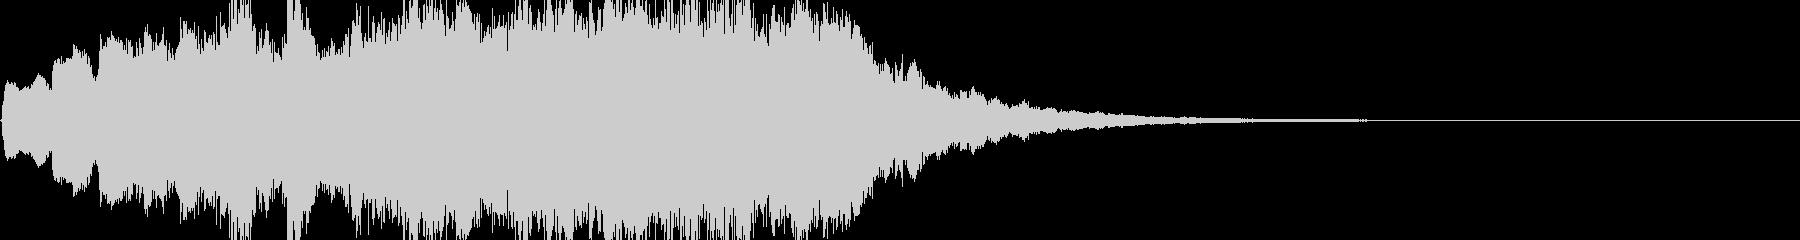 インスピレーション・イメージのジングルの未再生の波形